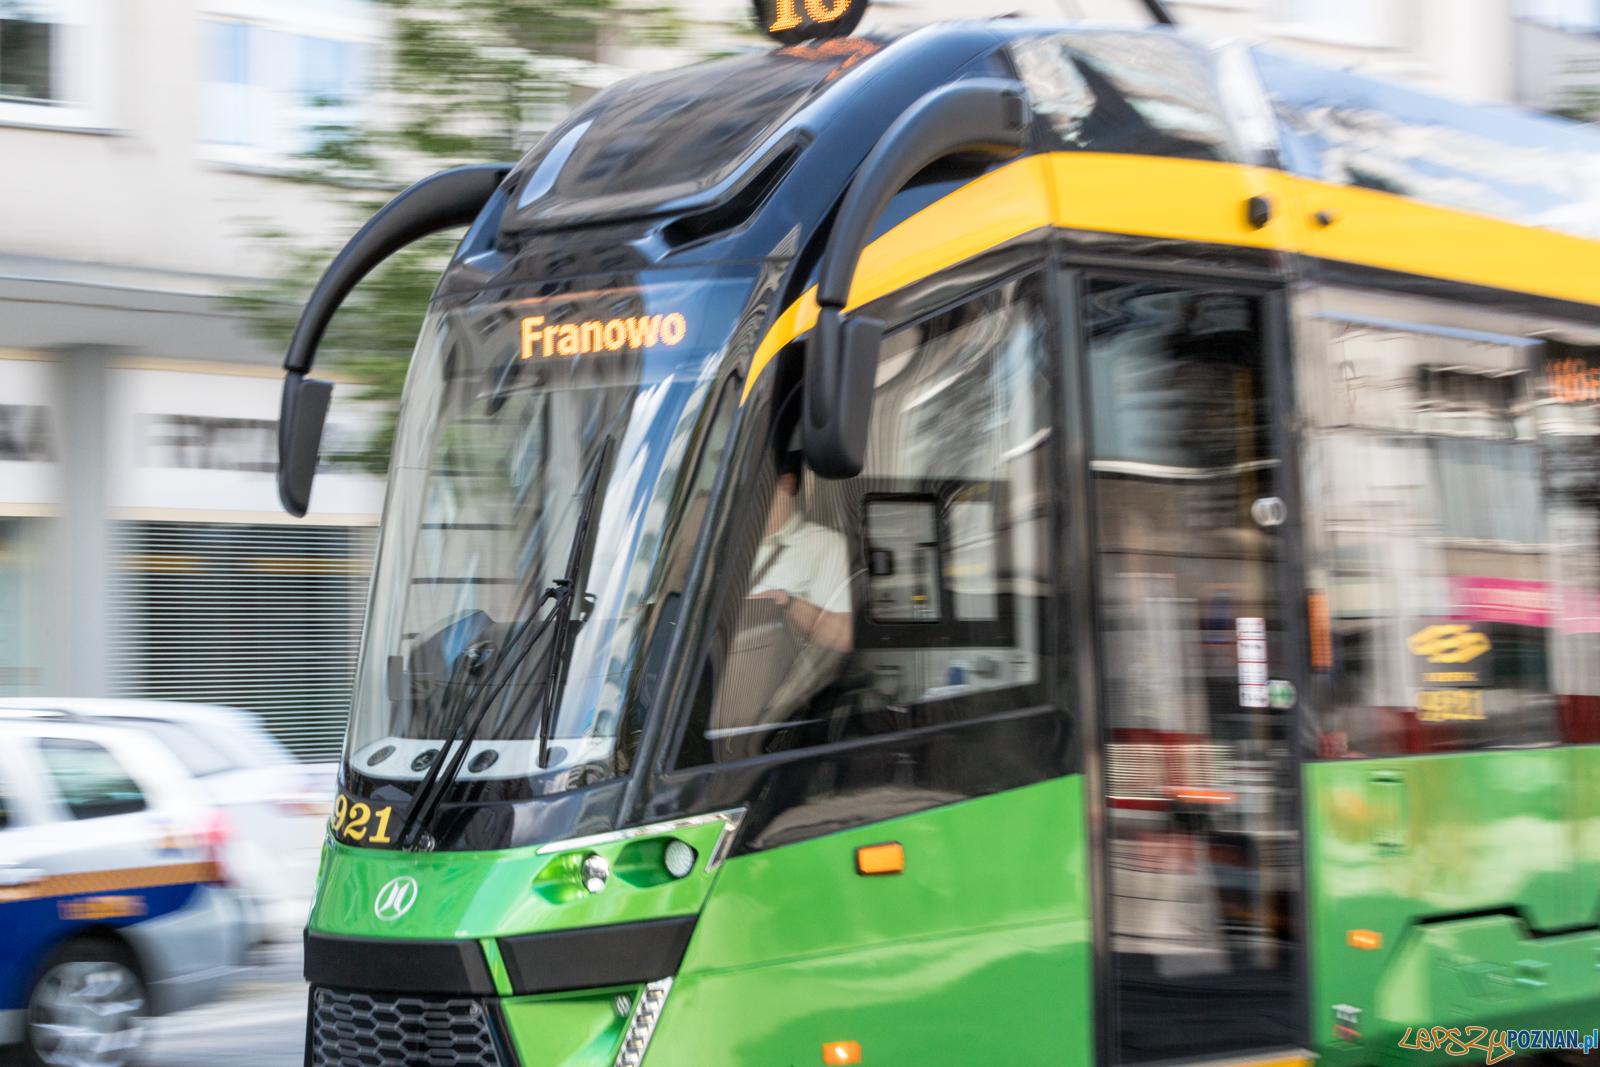 Tramwaj, bimba  Foto: lepszyPOZNAN.pl/Piotr Rychter